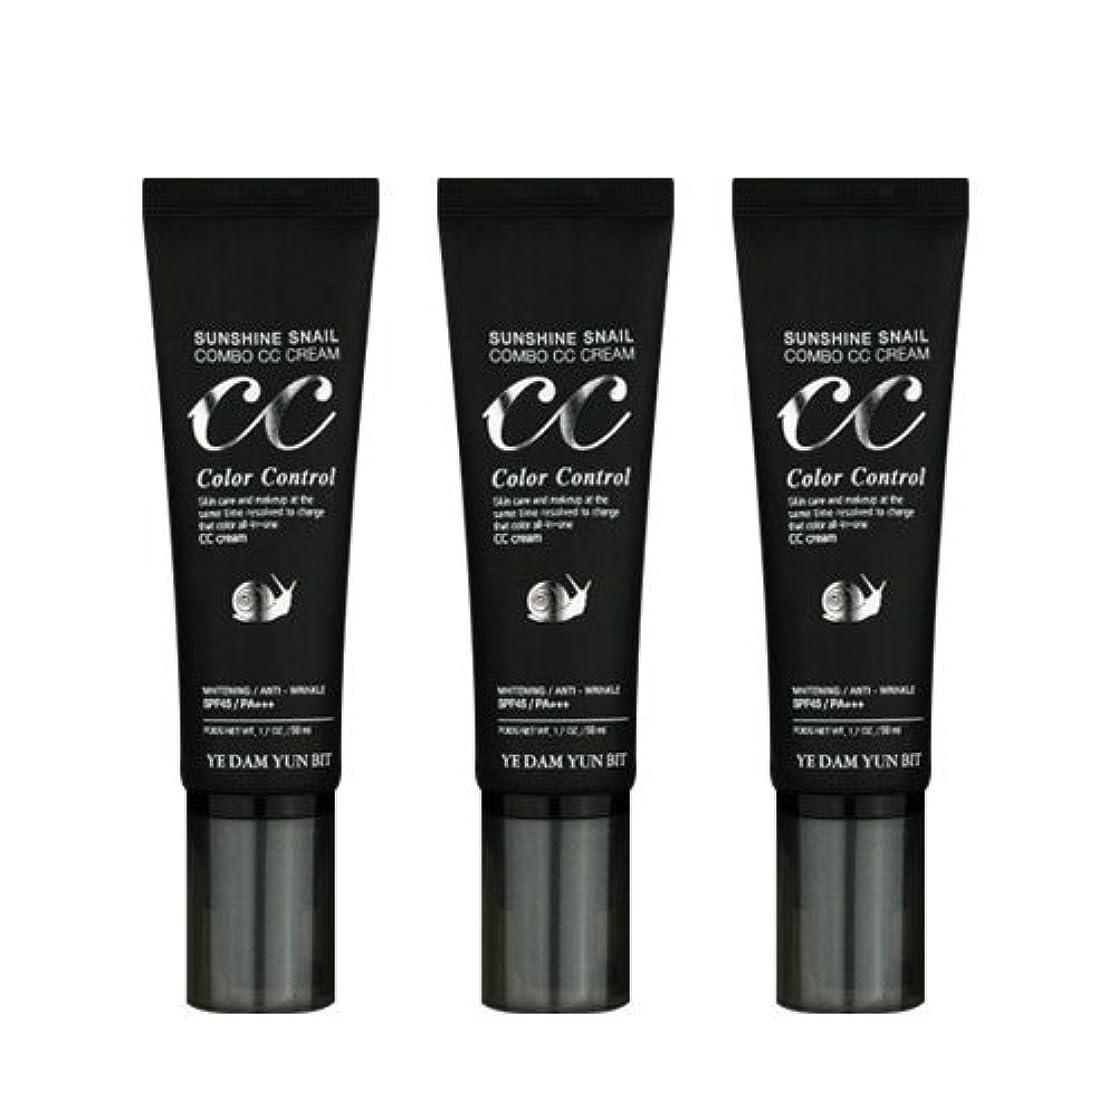 ステージ平和なチョコレートイェダムユンビト[韓国コスメYedamyunbit]Sunshine Snail Combo CC Cream サンシャインスネイルコンボCCクリーム50ml [SPF45 / PA+++]X3個 [並行輸入品]